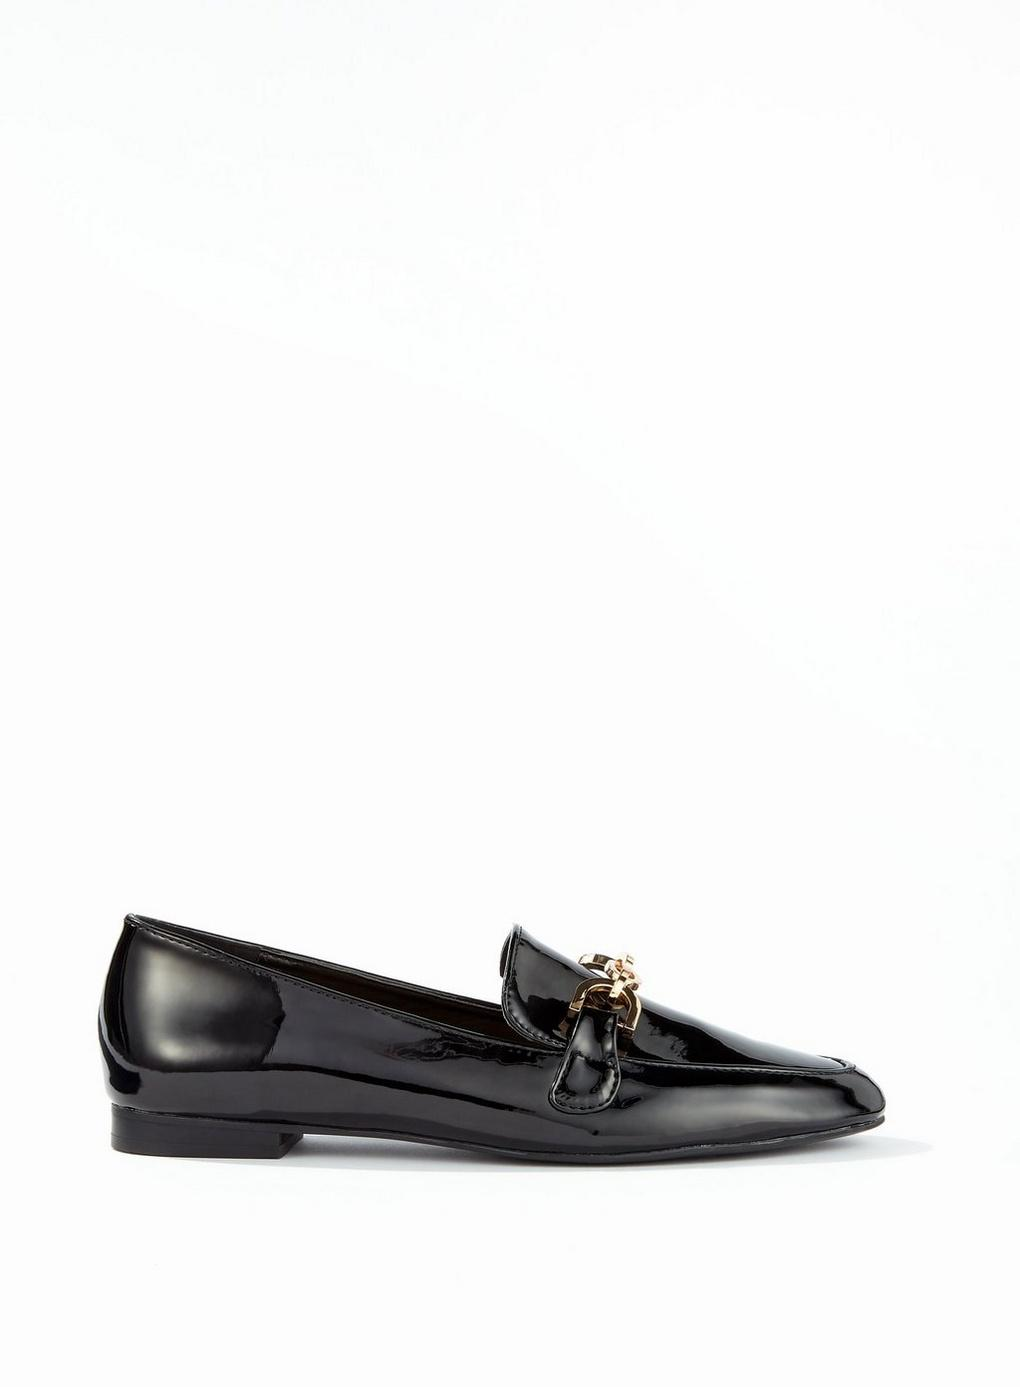 Selfridge Detail Fancy Miss Black Trim Loafers Lyst In L4jA35qR